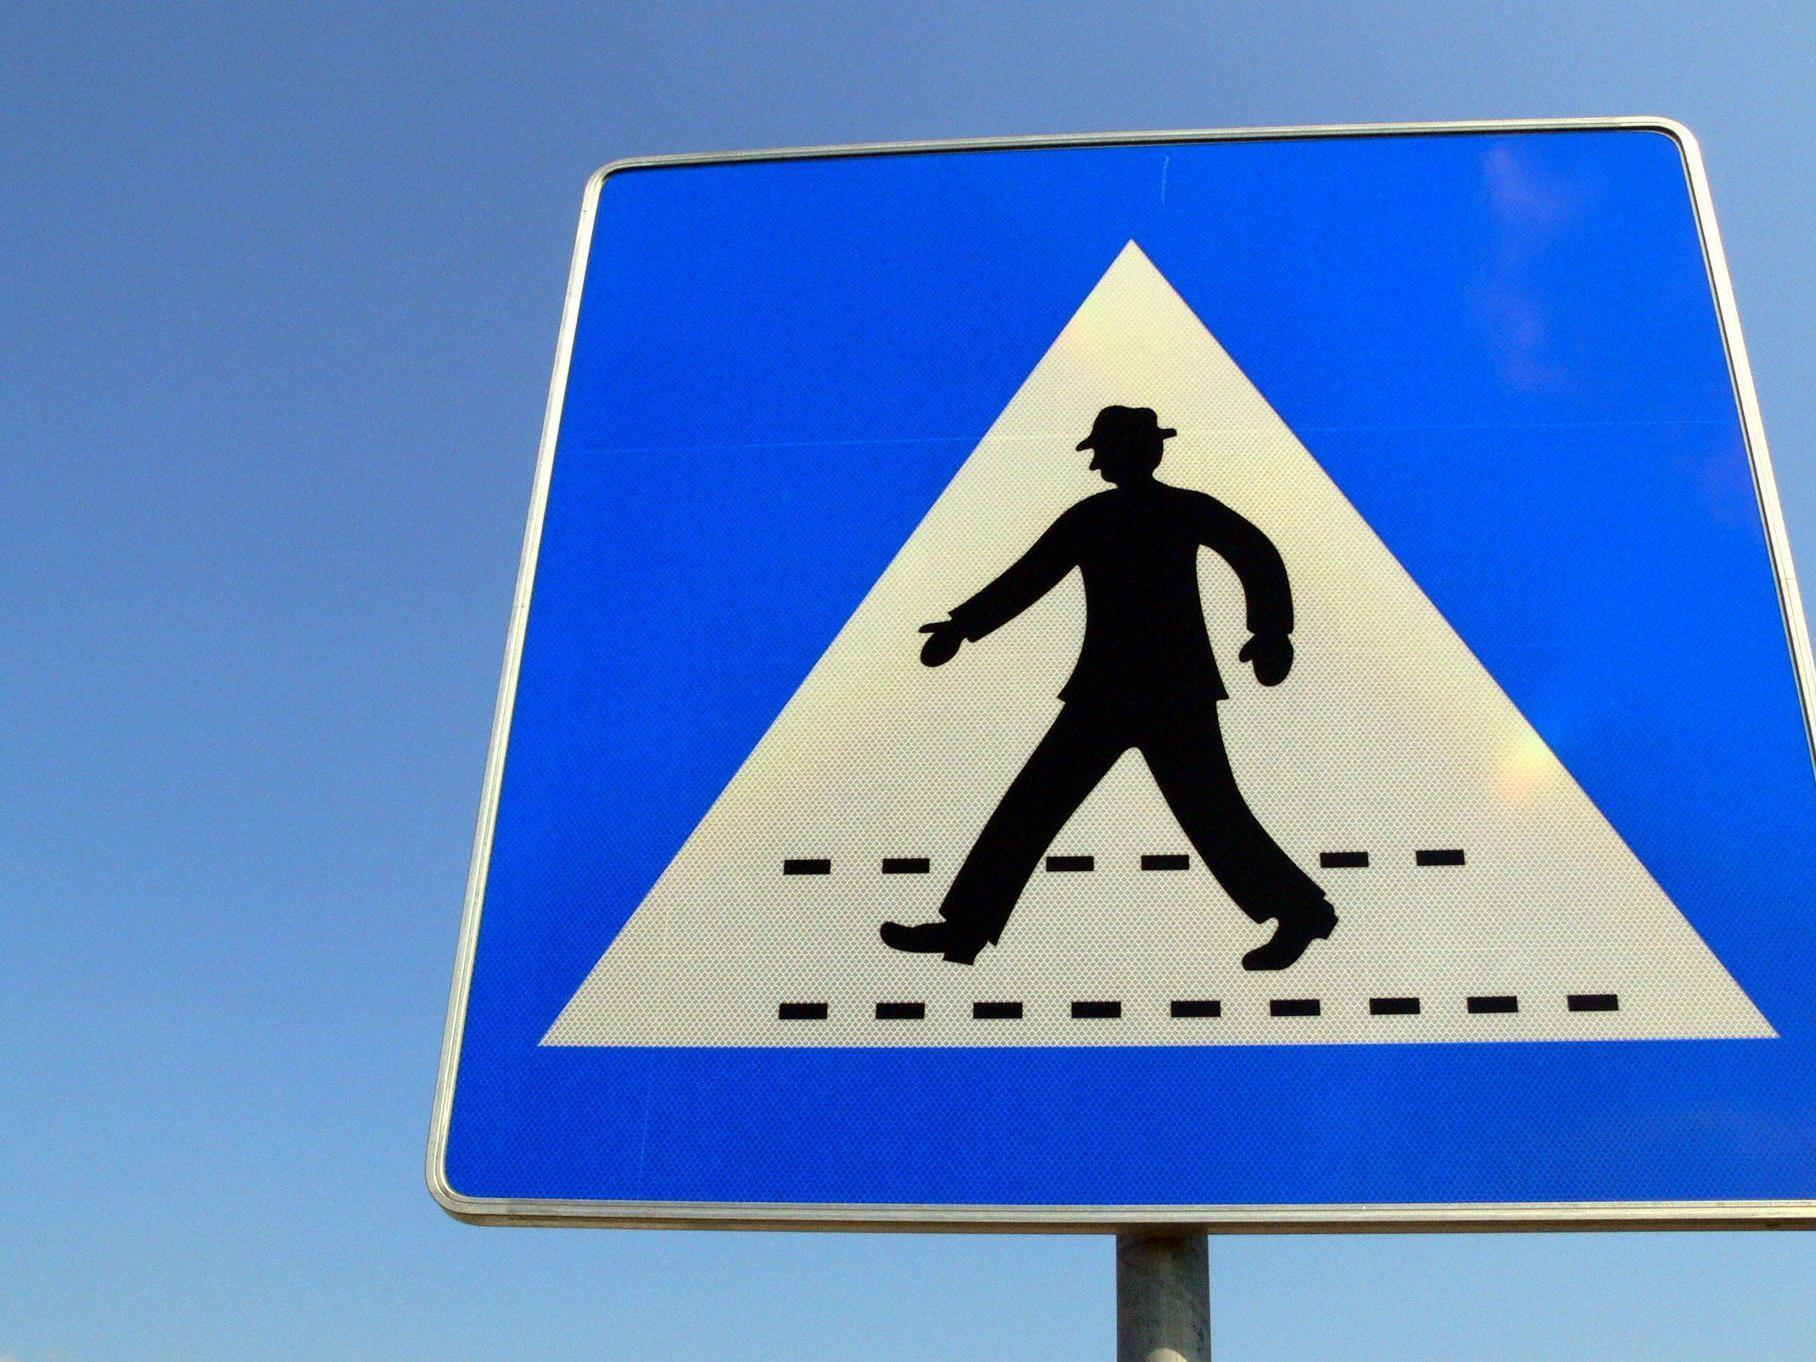 Fußgängerin wurde auf Schutzweg erfasst